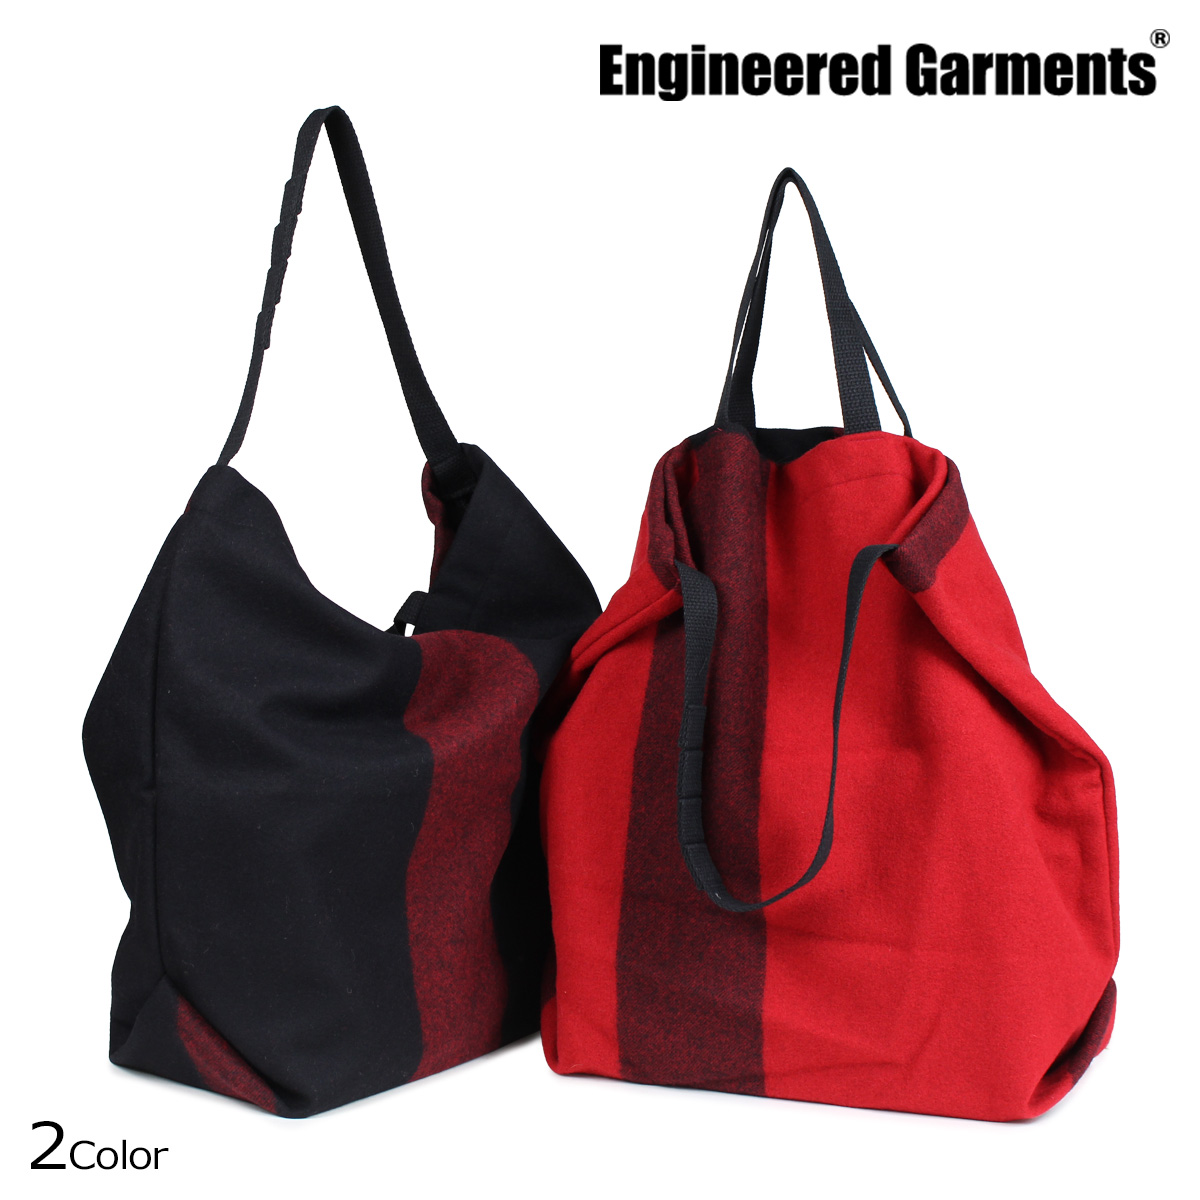 ENGINEERED GARMENTS エンジニアドガーメンツ バッグ メンズ レディース トートバッグ ショルダー CARRY ALL TOTE W STRAP ブラック レッド